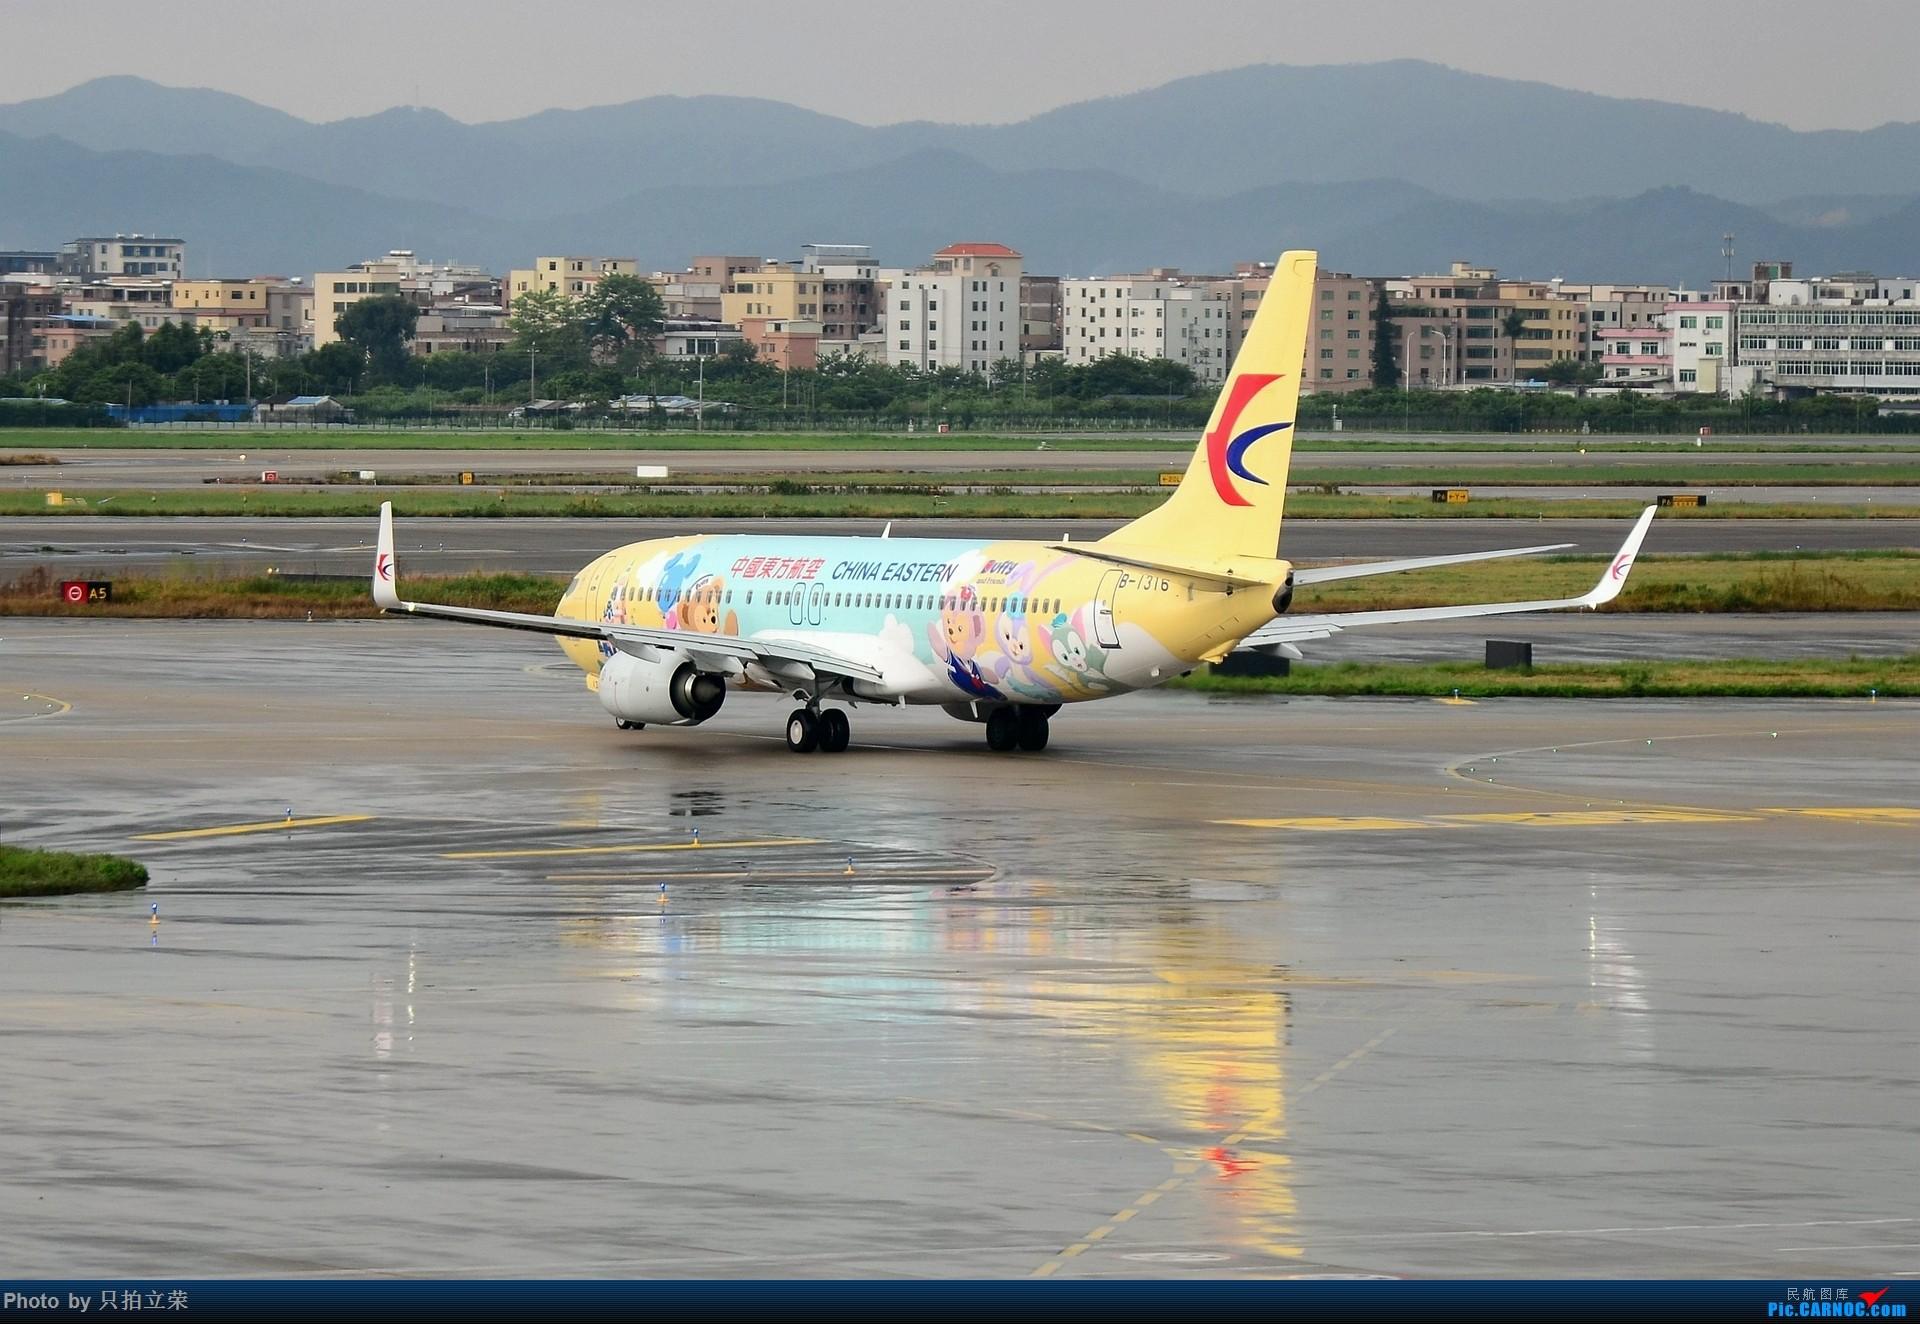 [原创]湖南飞友会:只拍立荣回归。马来之旅航站楼杂图一堆。 BOEING 737-800 B-1316 中国广州白云国际机场